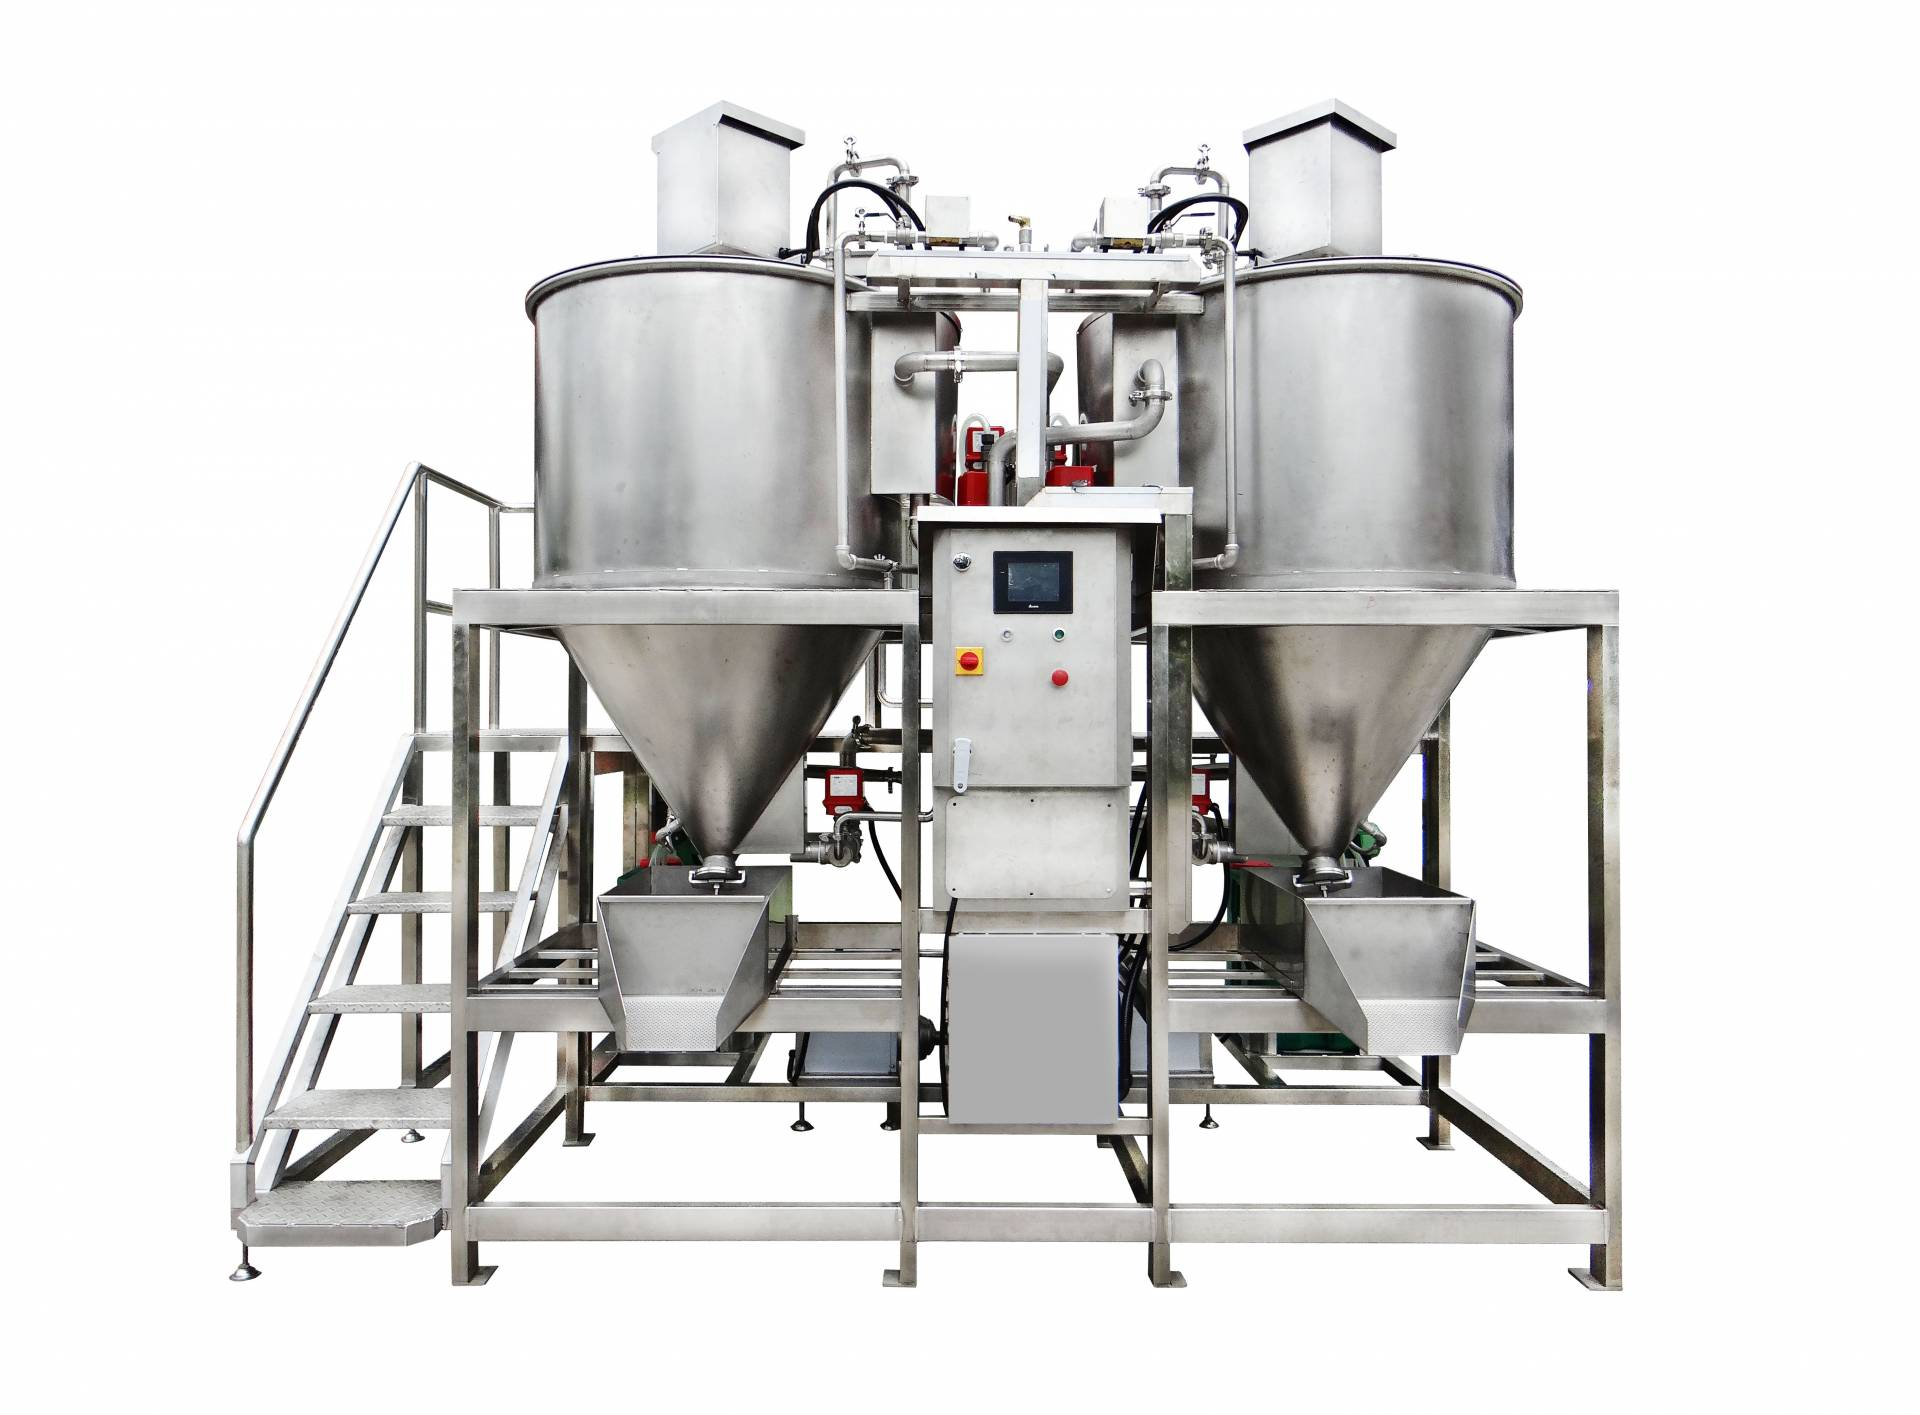 Sistem Cuci dan Sterilisasi Kacang - Mesin Cuci dan Sterilisasi Kacang